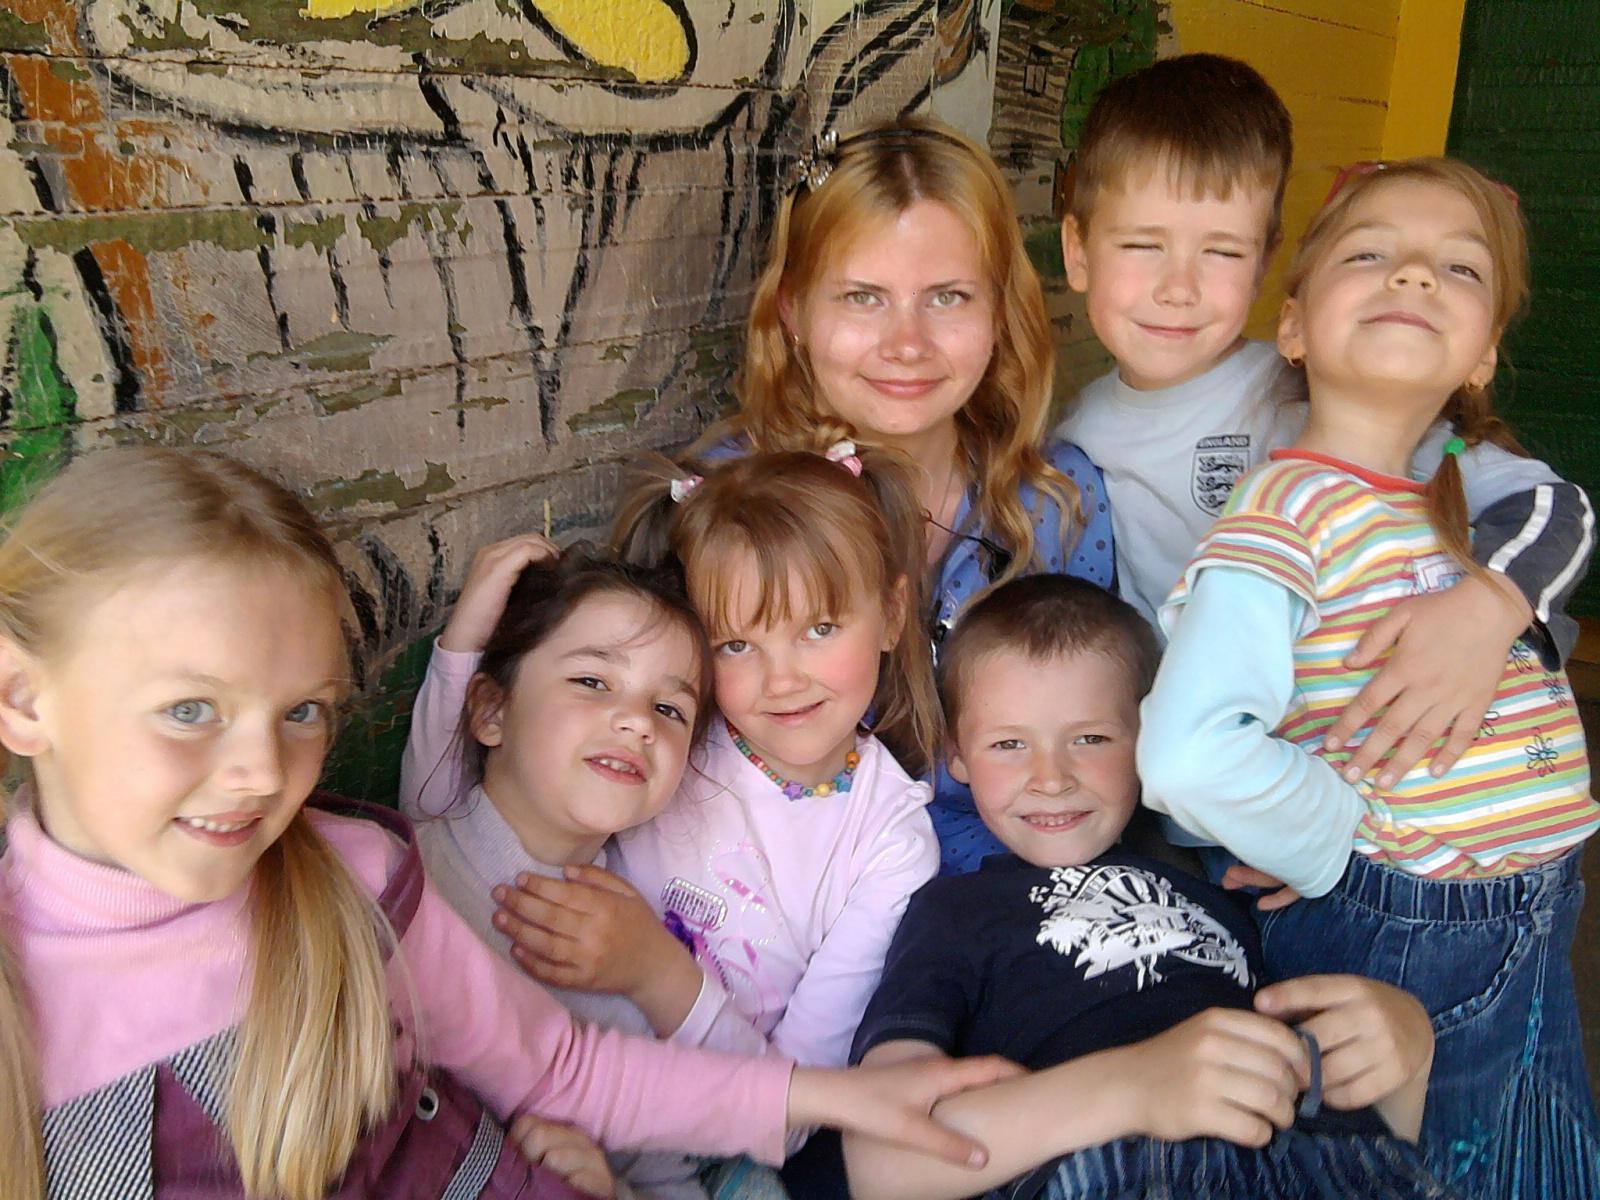 В детском садике детишки — Все такие шалунишки!. Настоящие друзья